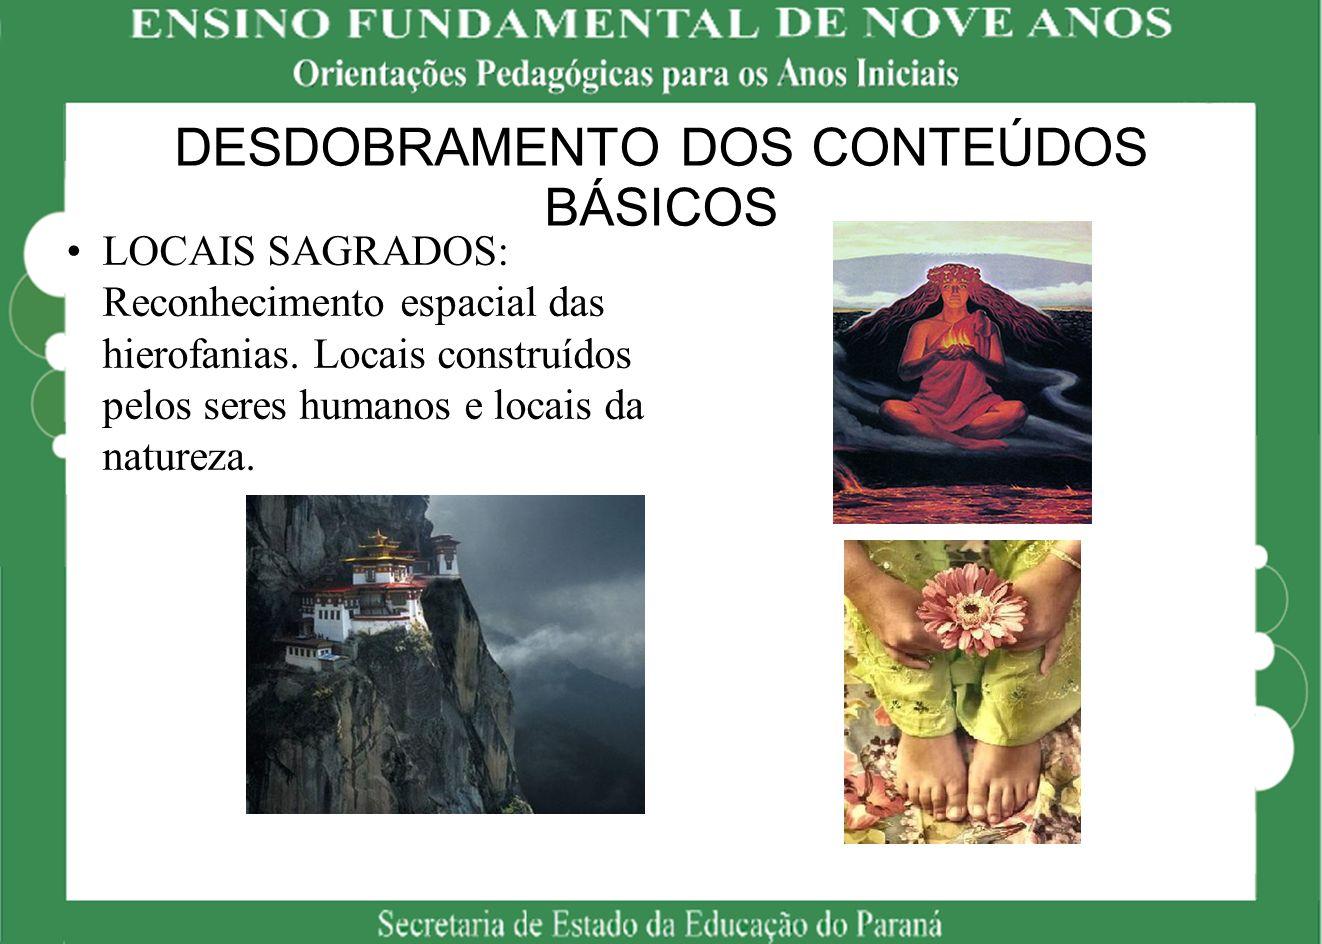 DESDOBRAMENTO DOS CONTEÚDOS BÁSICOS